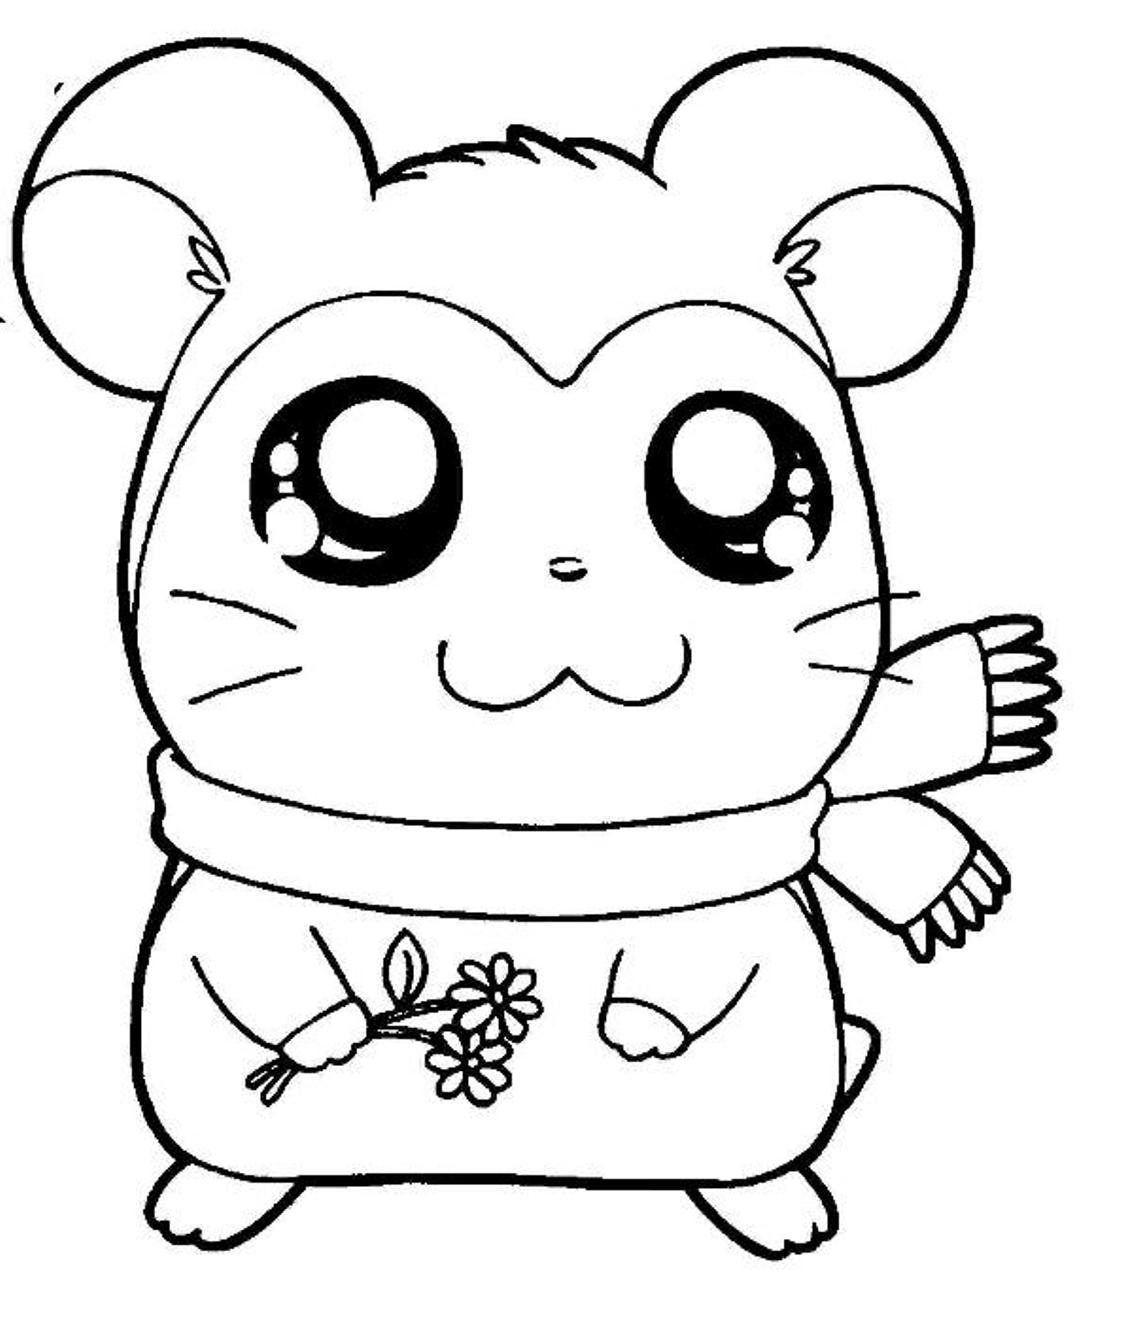 Cartoon Coloring Pashmina Hamtaro Coloring Pages Pashmina Hamtaro Coloring Pagesfull Size Image